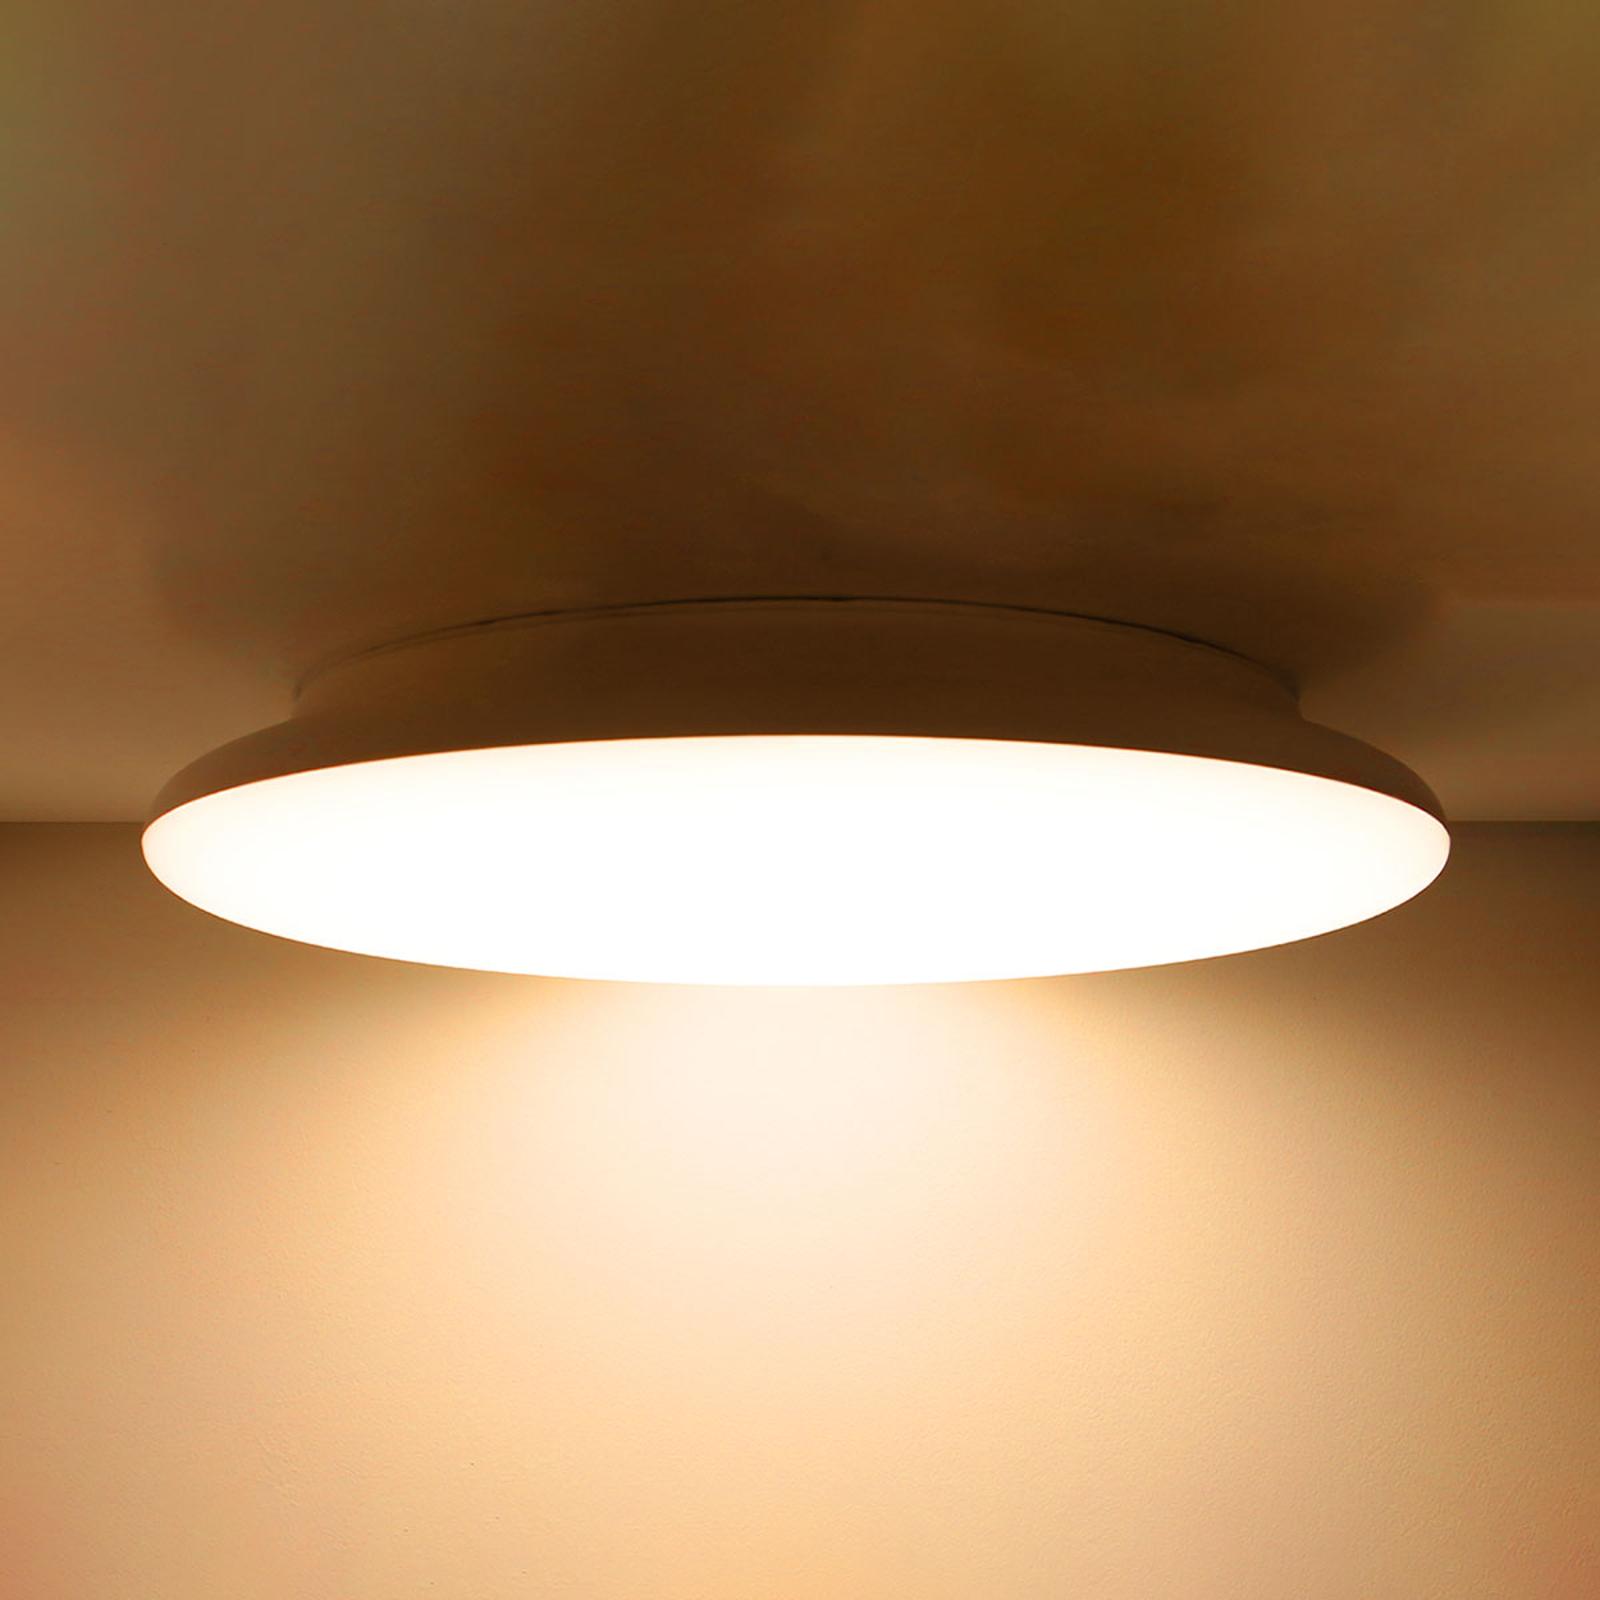 SLC plafoniera LED dimmerabile IP54 25 cm 3.000K